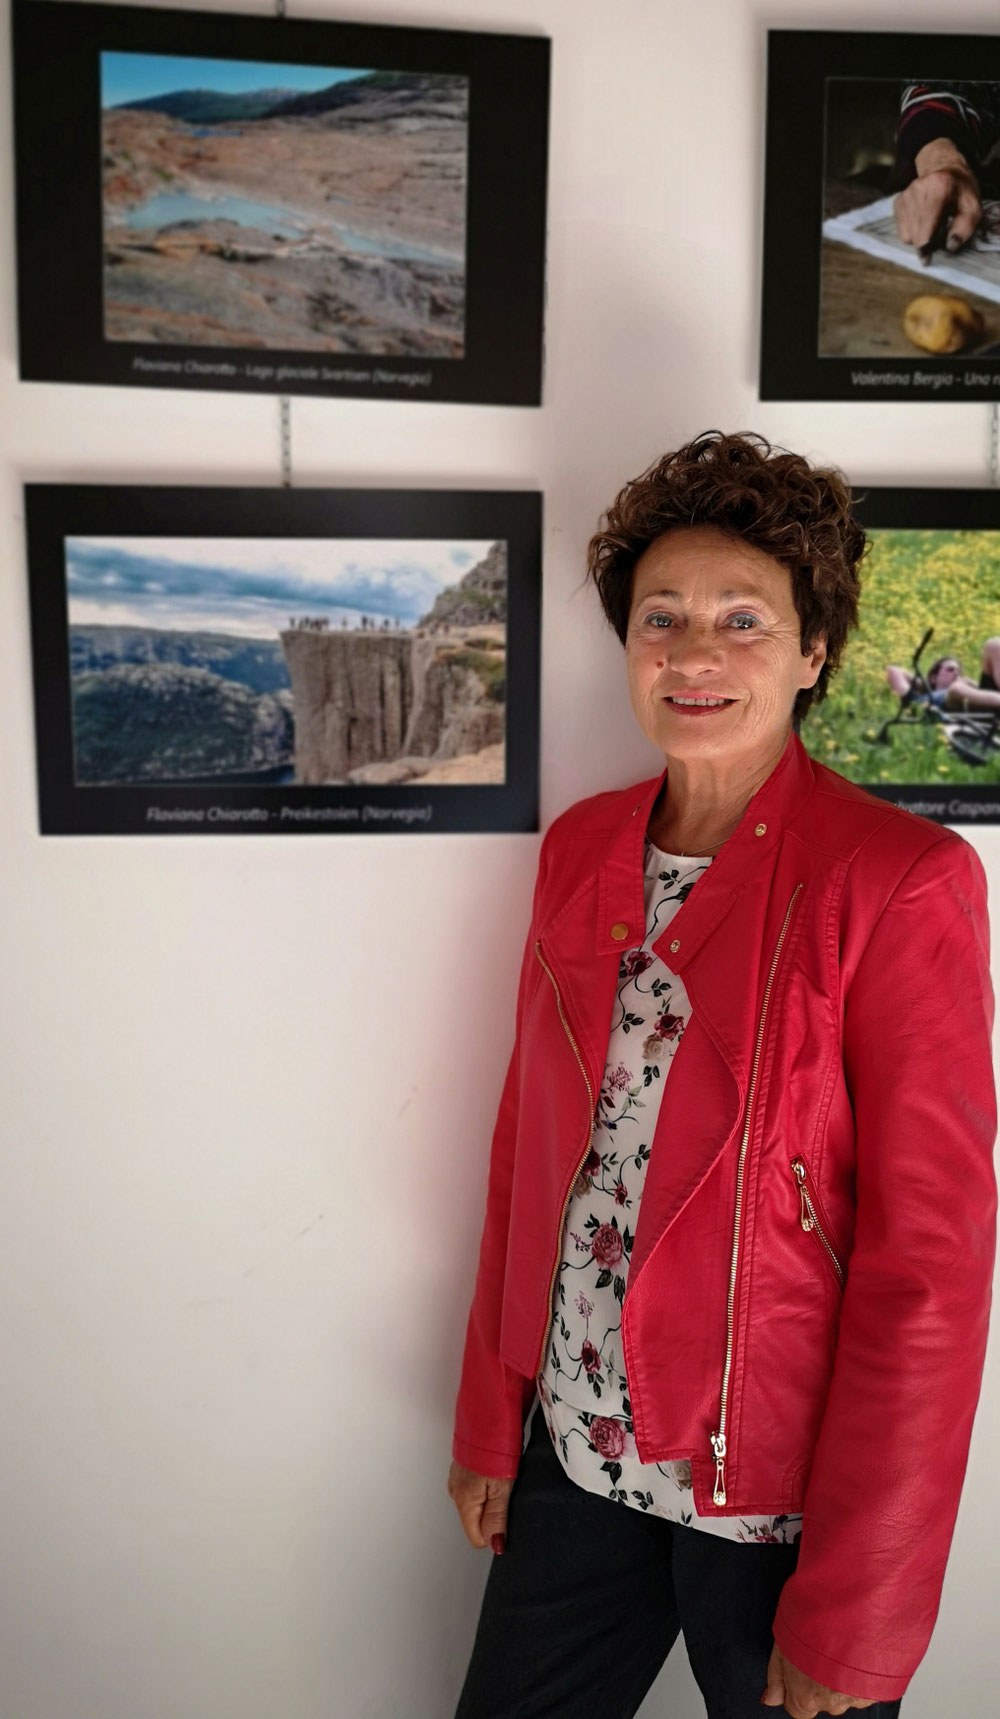 Flaviana Chiarotto